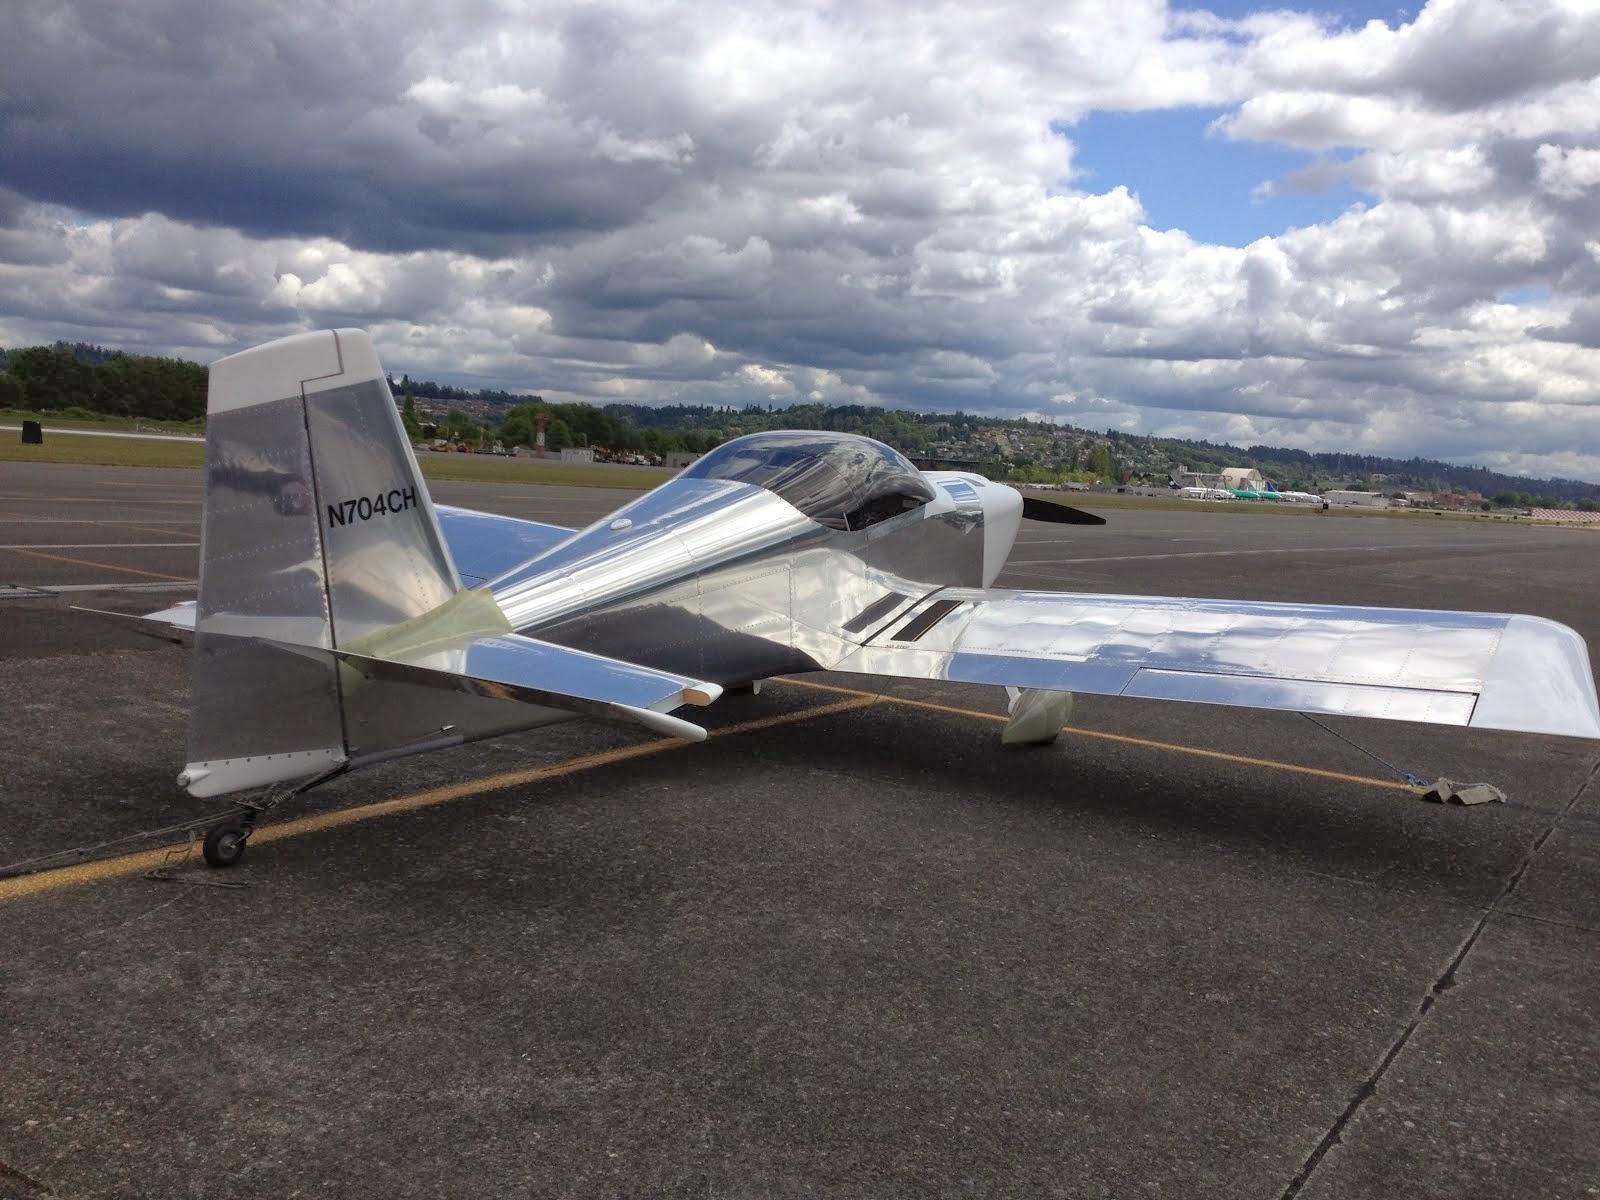 Van's Airframe RV-7